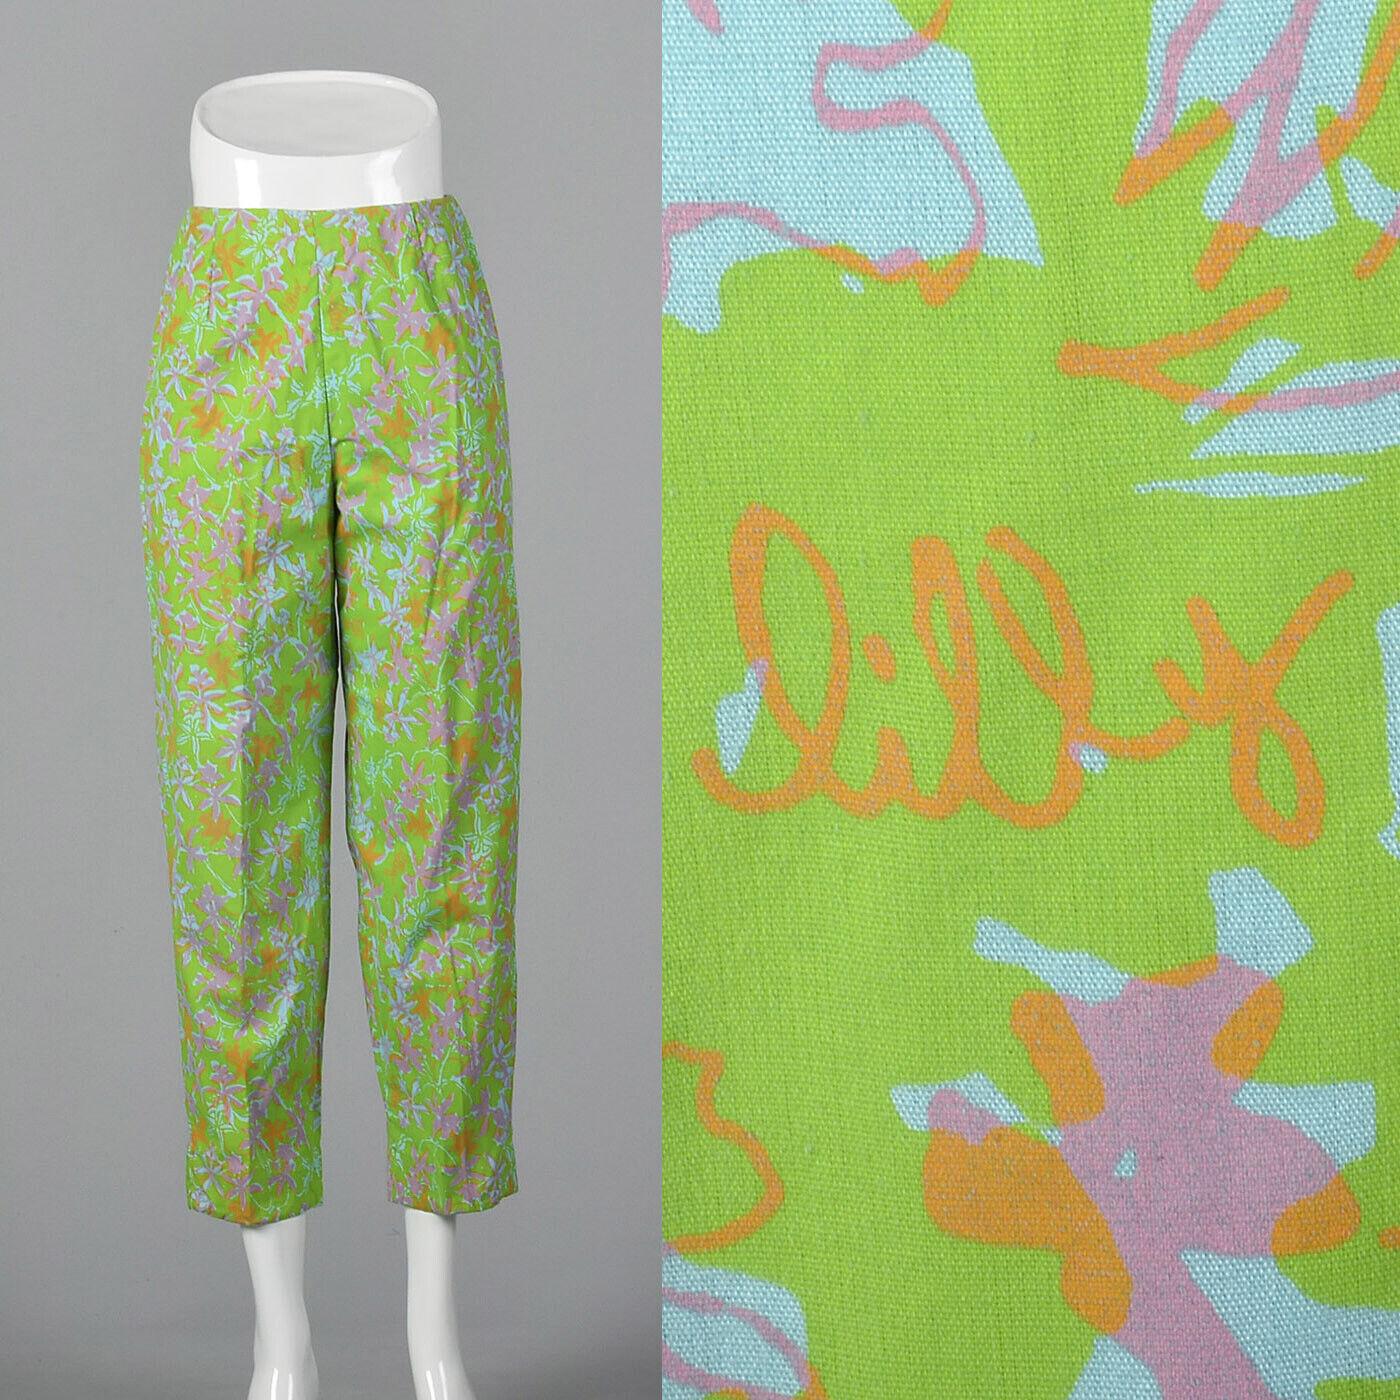 M 1960s Lilly Pulitzer Signature Print Cigarette Pants Cotton Beach 60s VTG